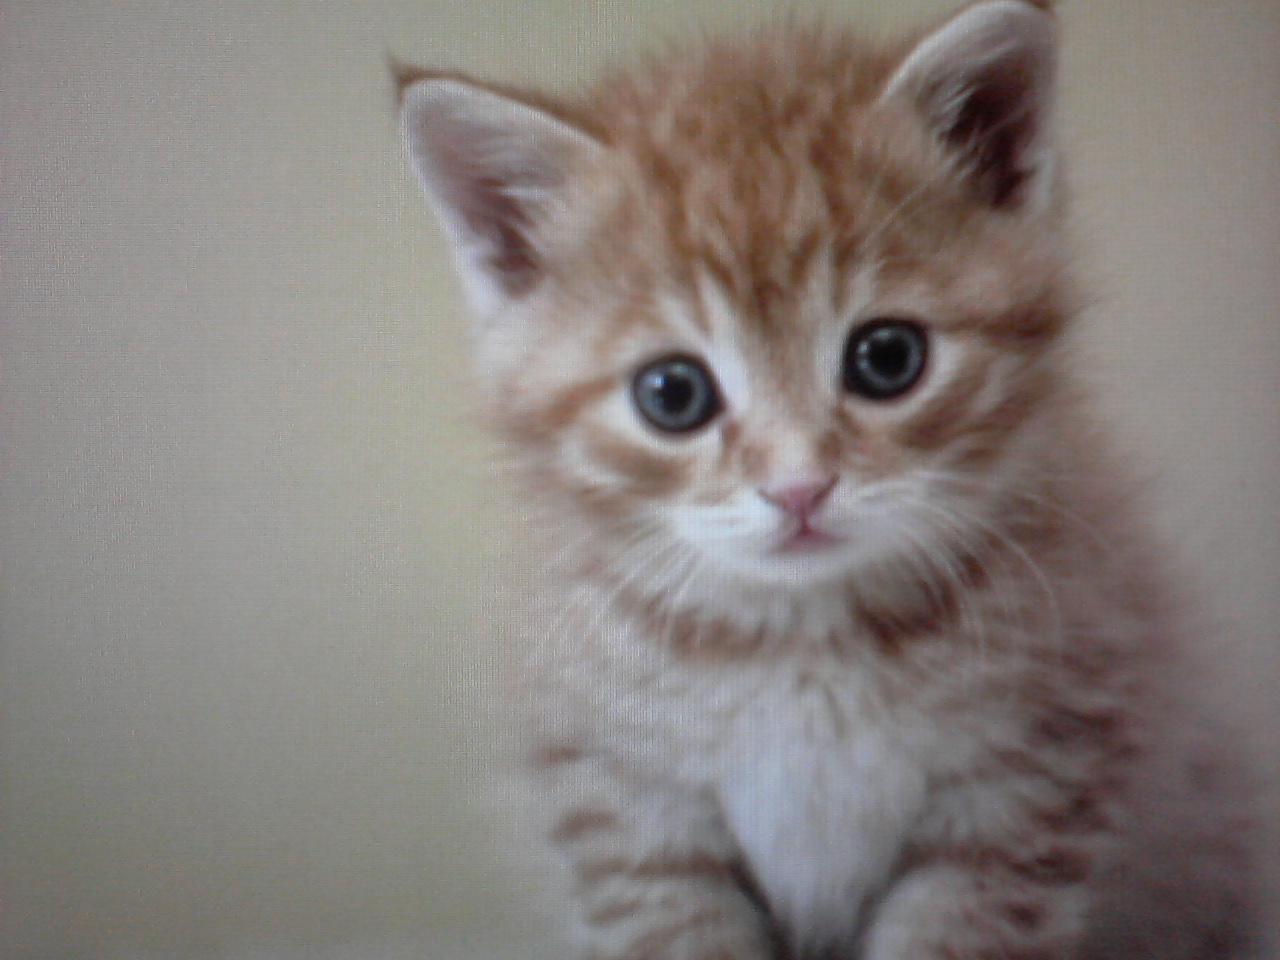 Chaton trop mimi colorier les enfants - Image de chaton trop mimi ...